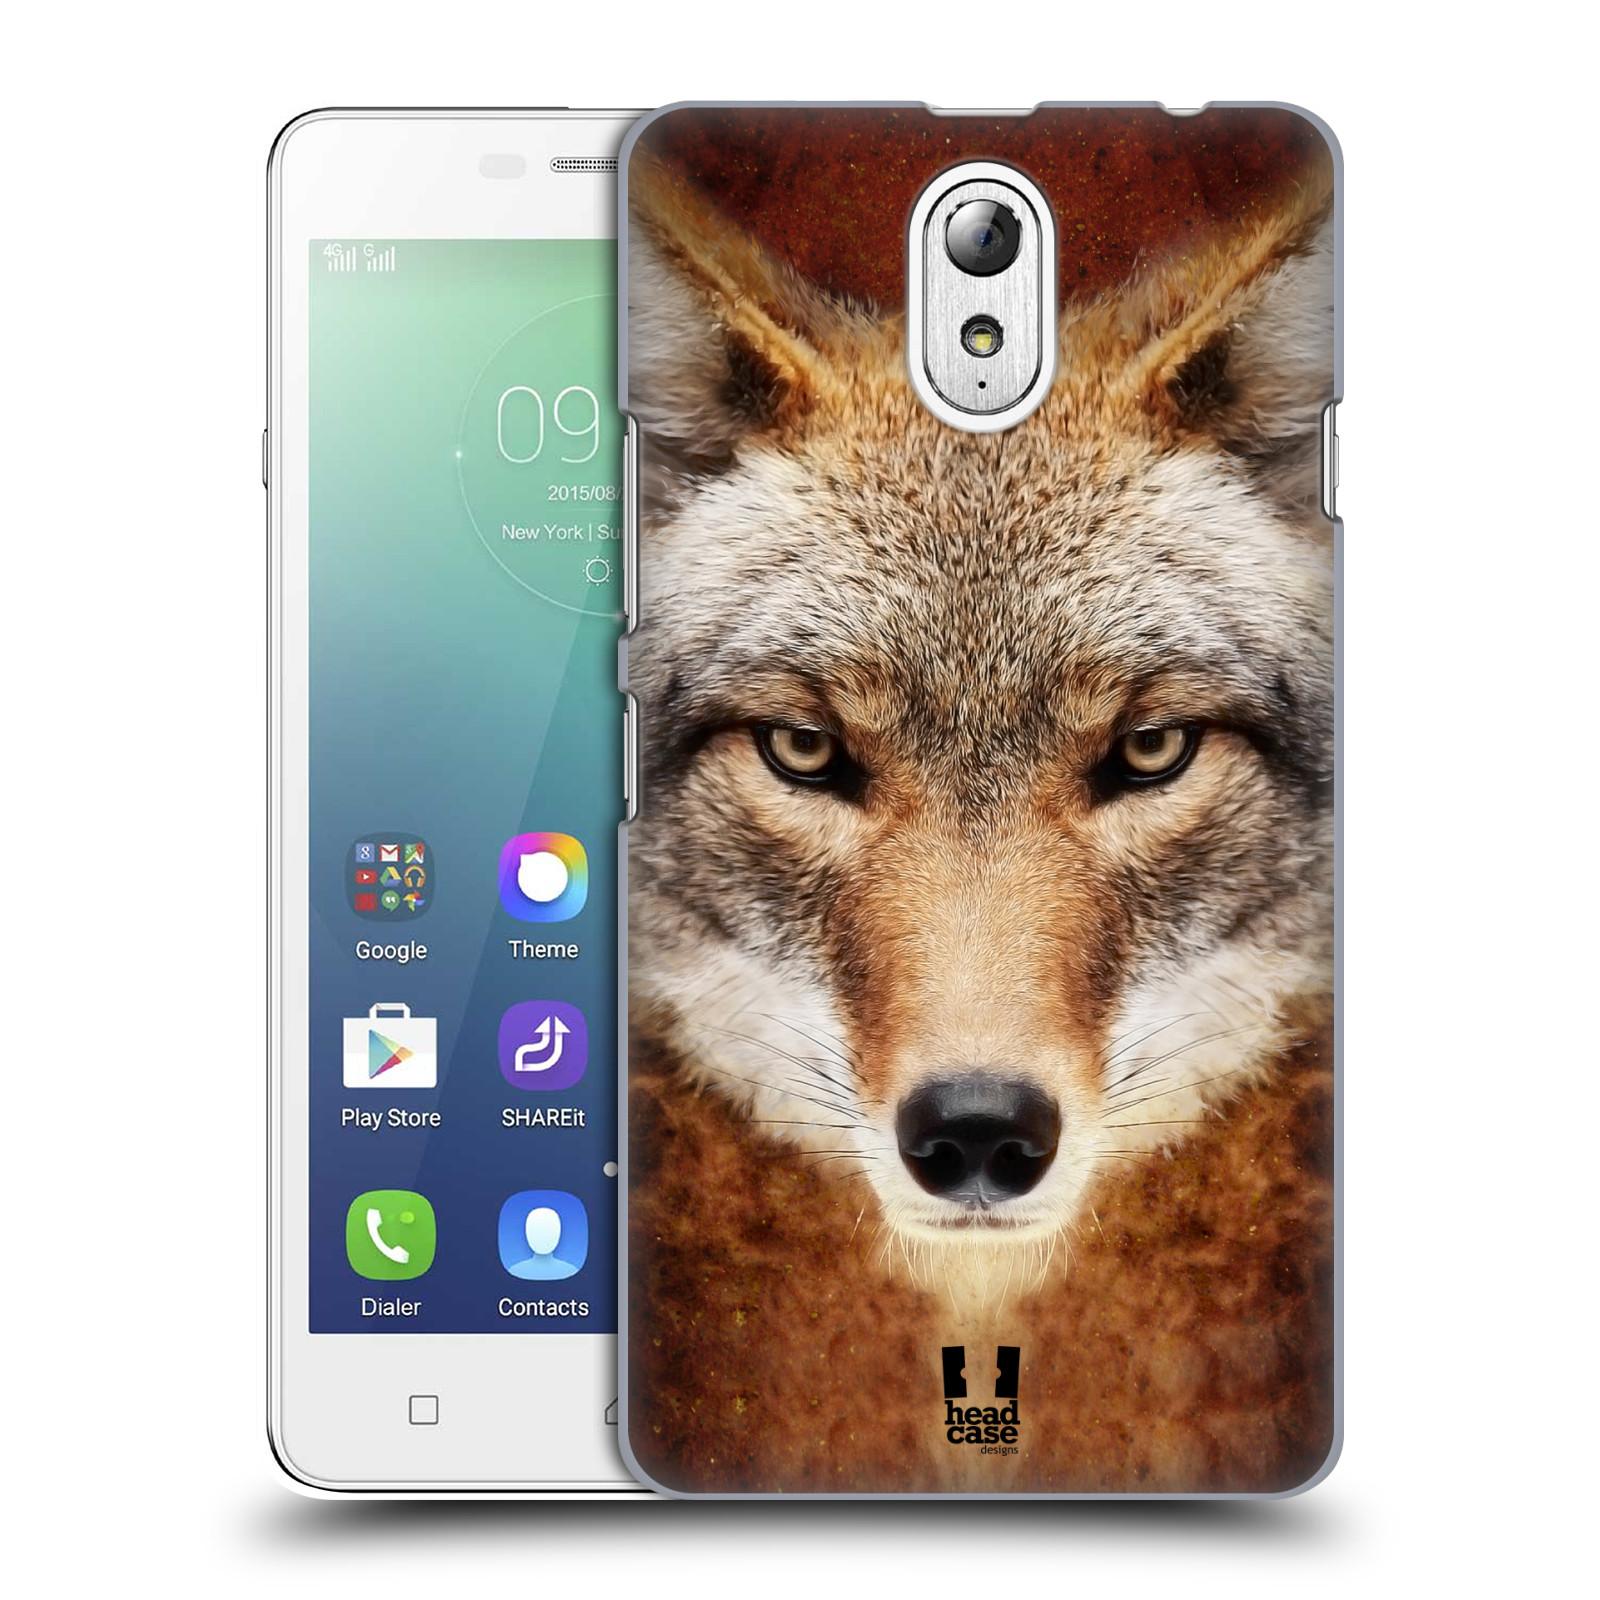 HEAD CASE pevný plastový obal na mobil LENOVO VIBE P1m / LENOVO VIBE p1m DUAL SIM vzor Zvířecí tváře kojot